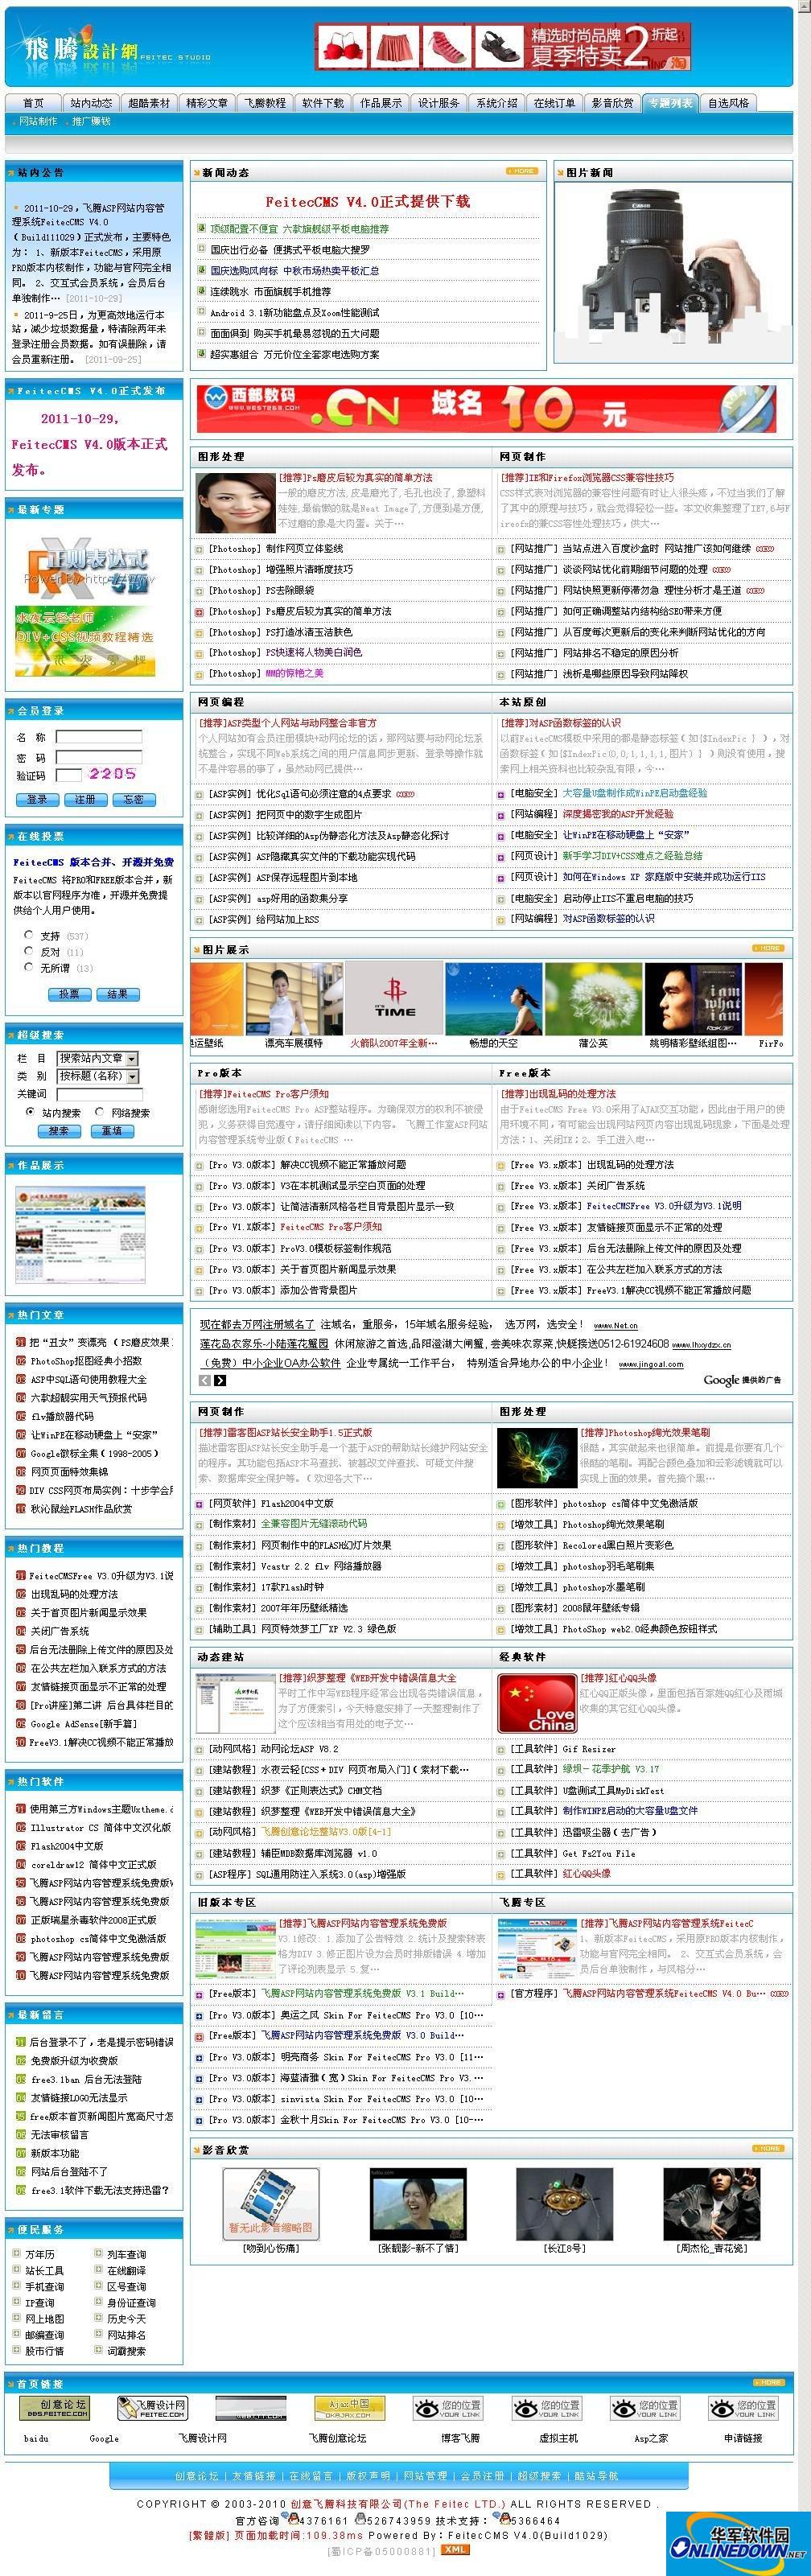 FeitecCMS 飞腾ASP网站内容管理系统